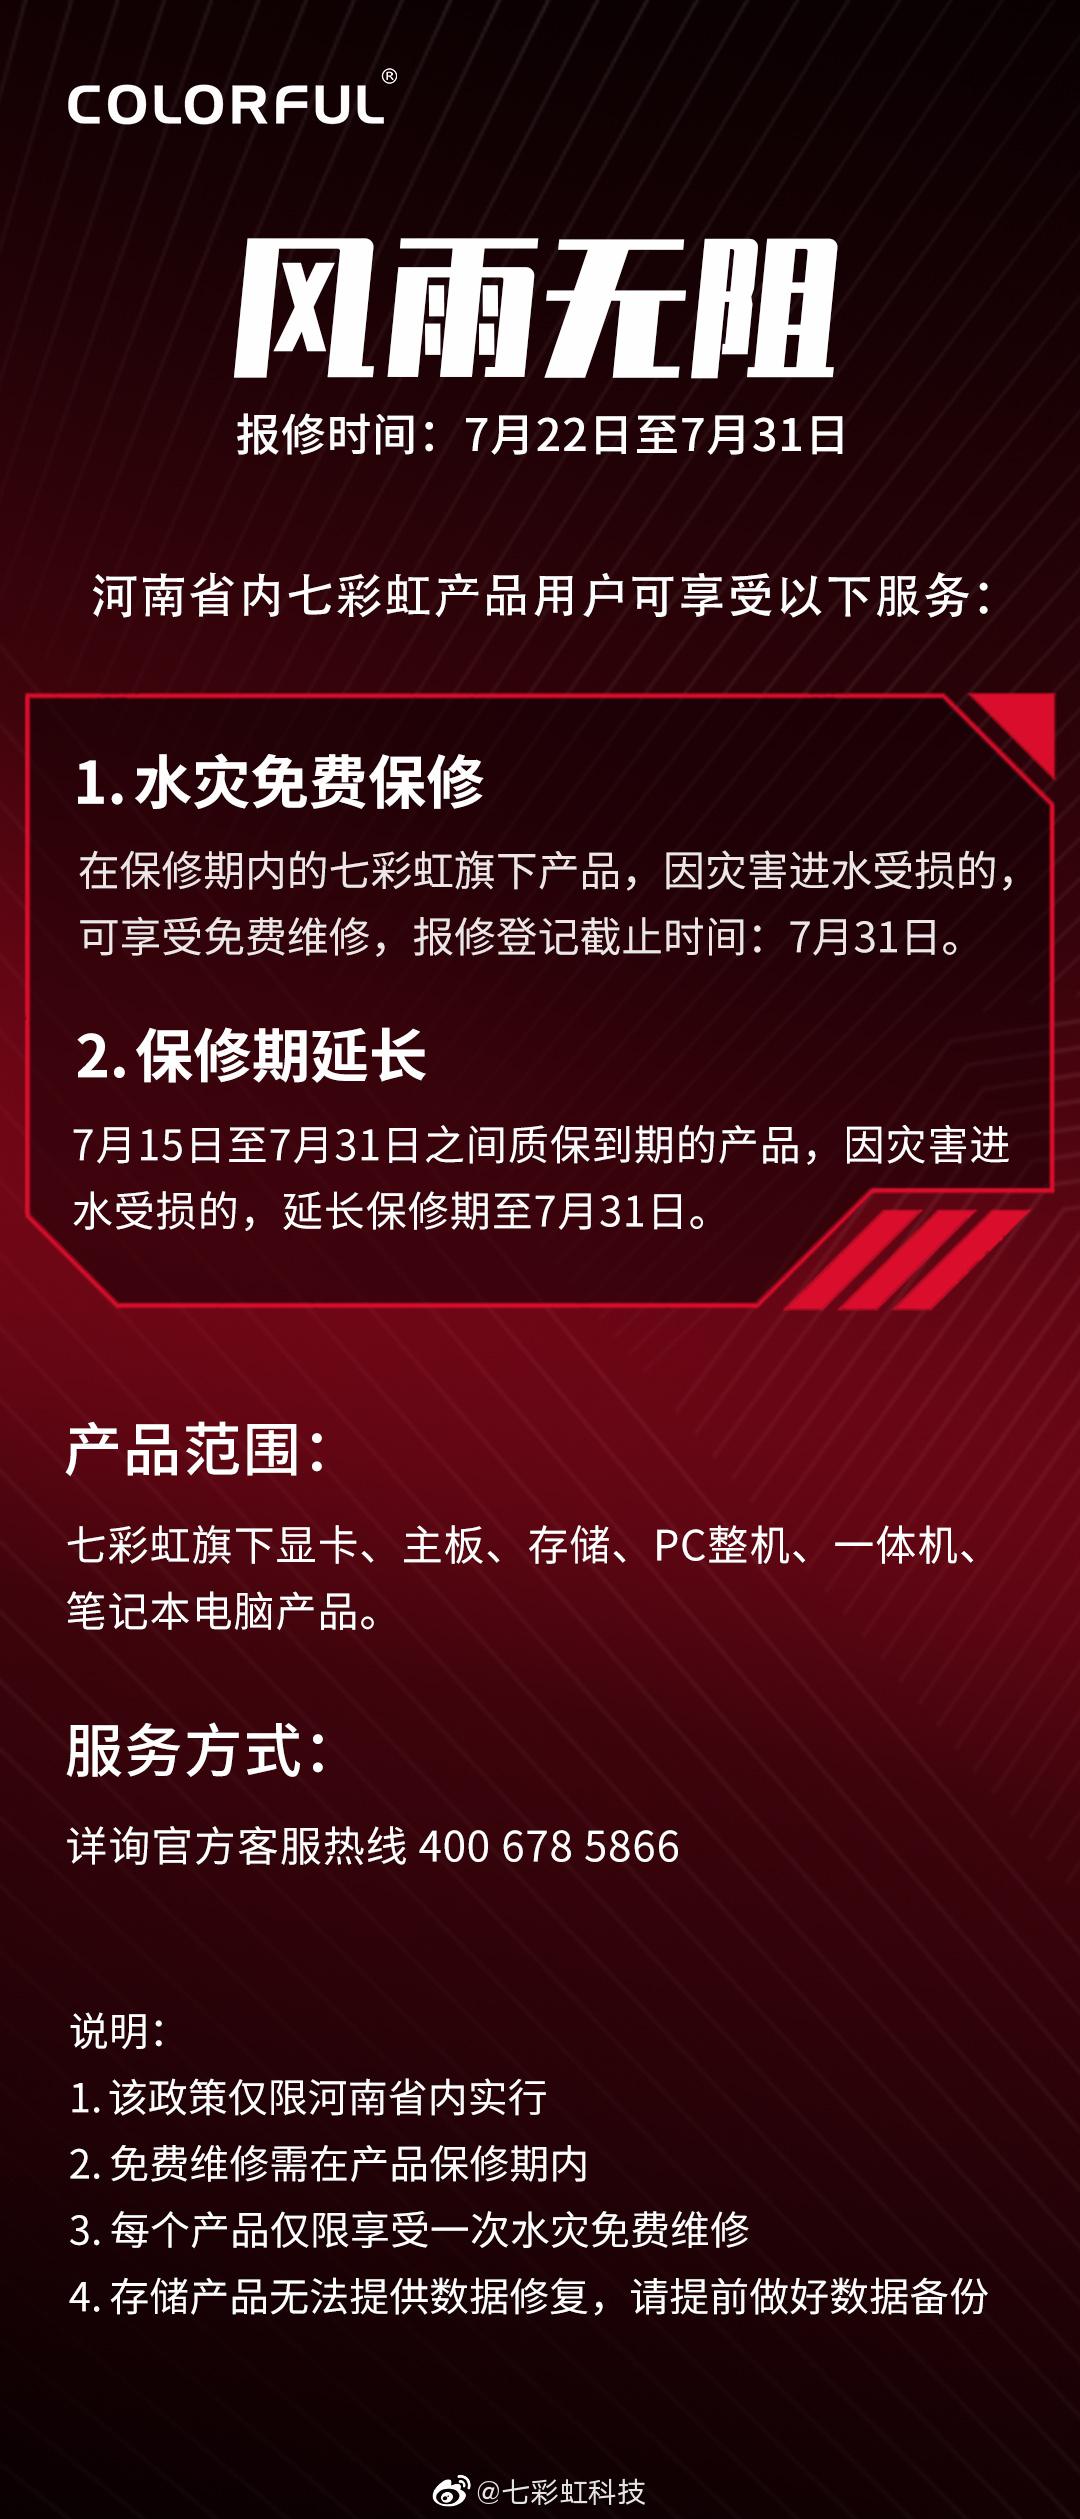 七彩虹:旗下全系列产品河南省内水灾免费保修